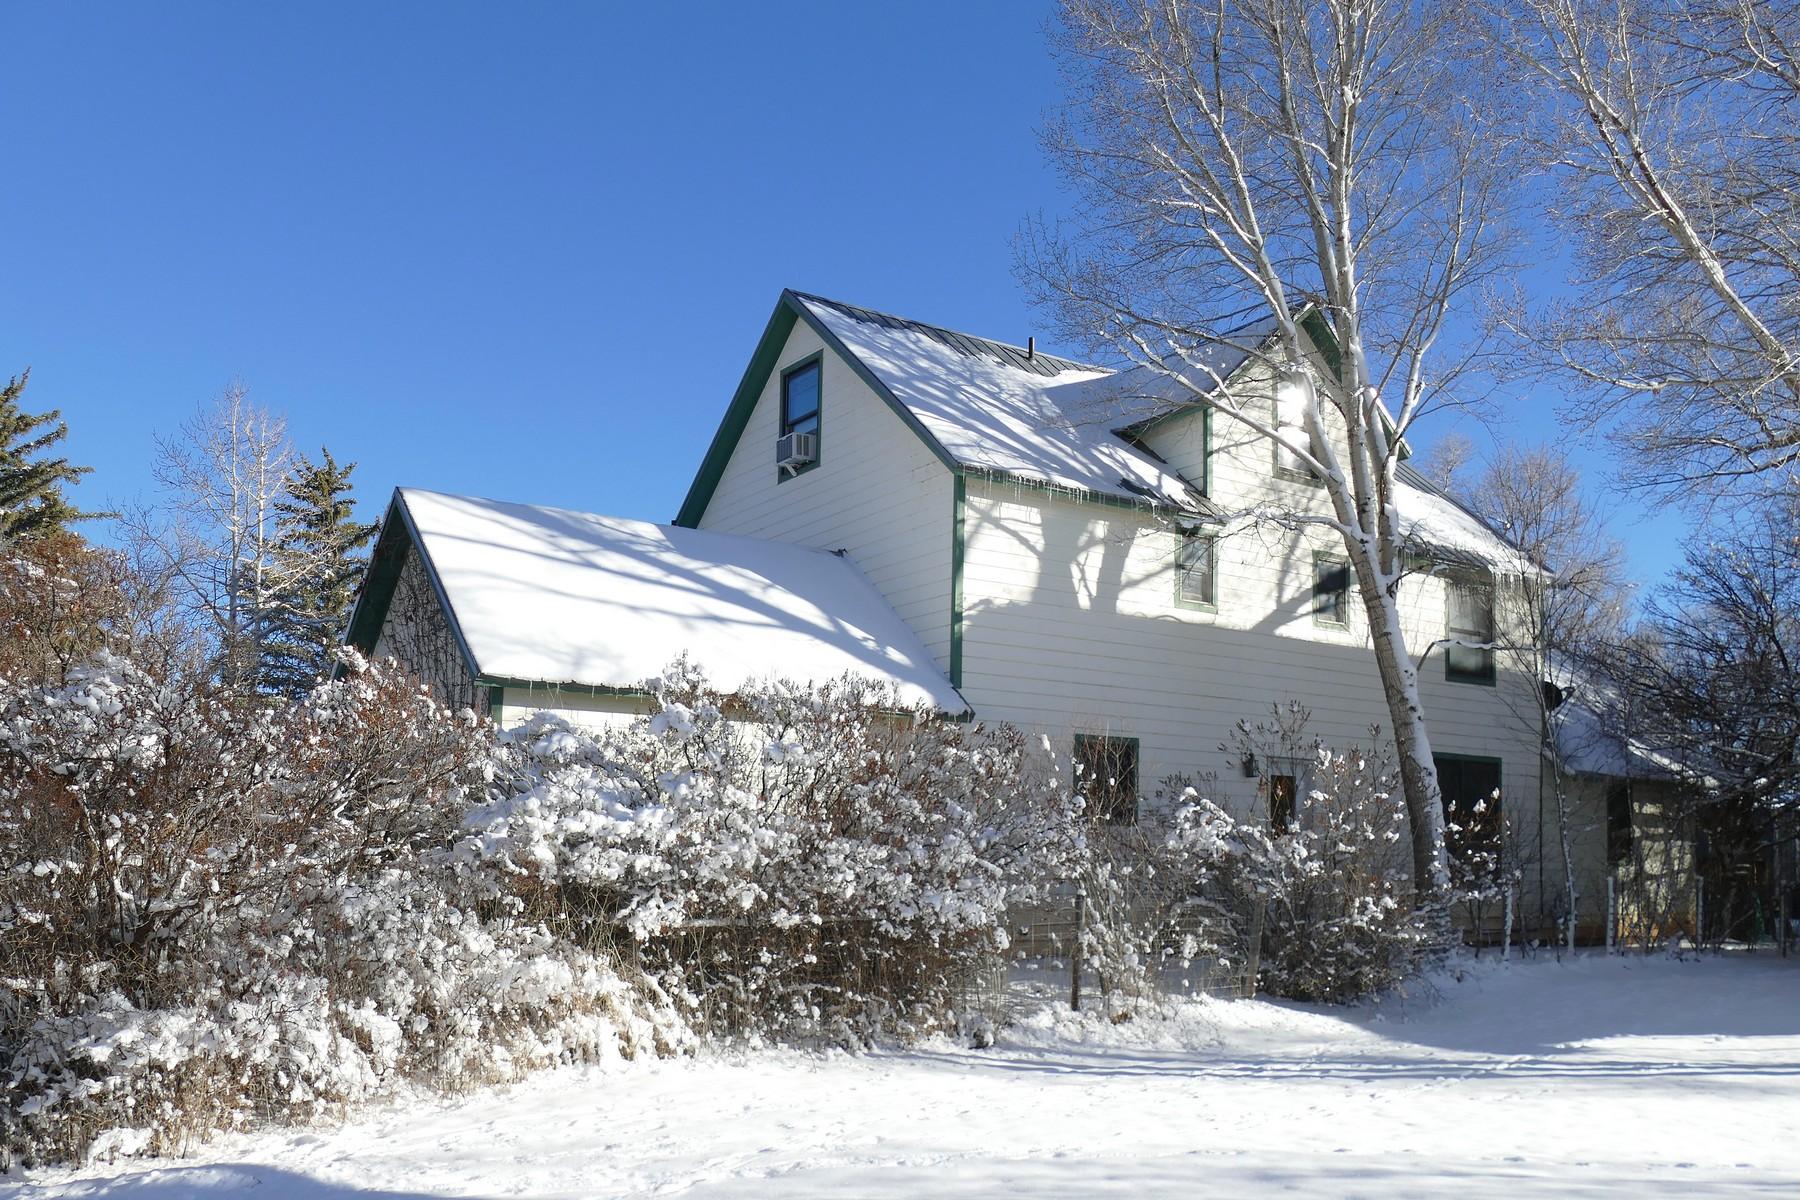 Частный односемейный дом для того Продажа на 1340 Naturita Street Norwood, Колорадо, 81423 Соединенные Штаты